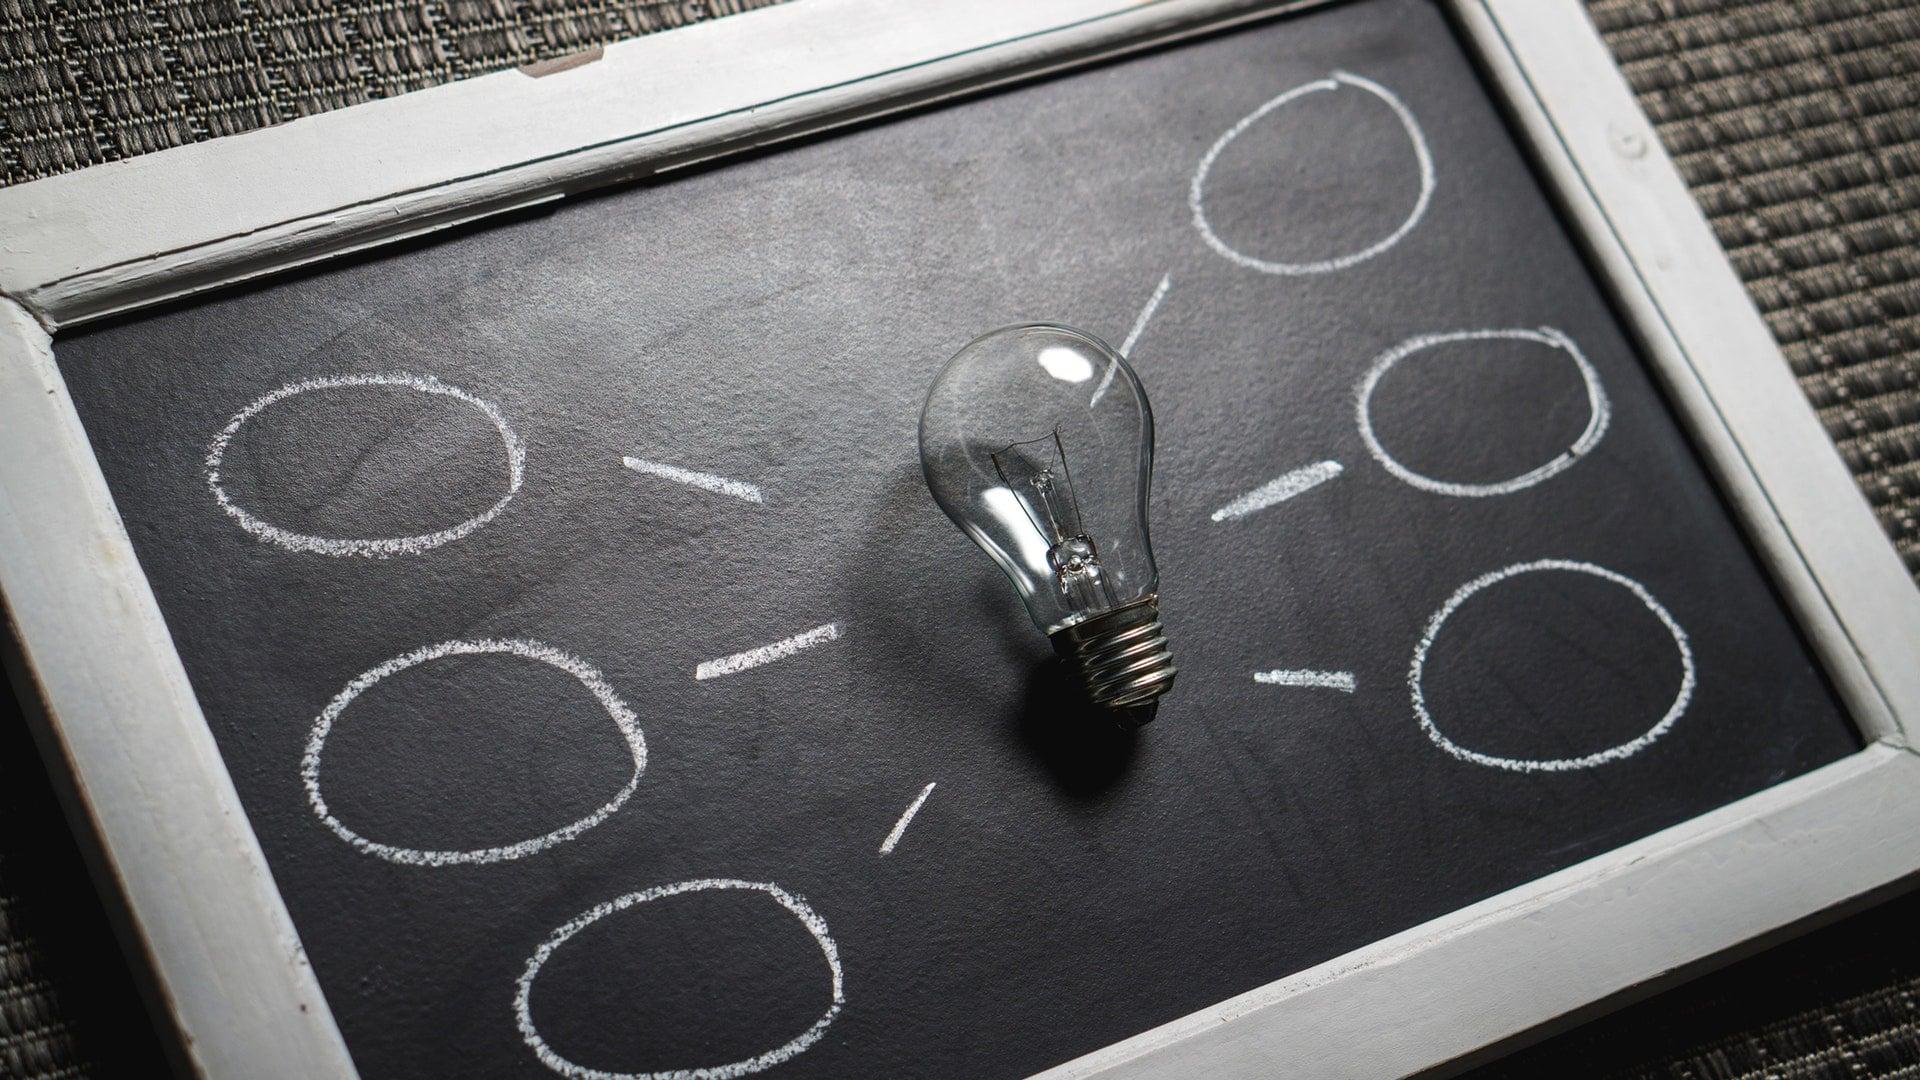 licht lamp op een bord